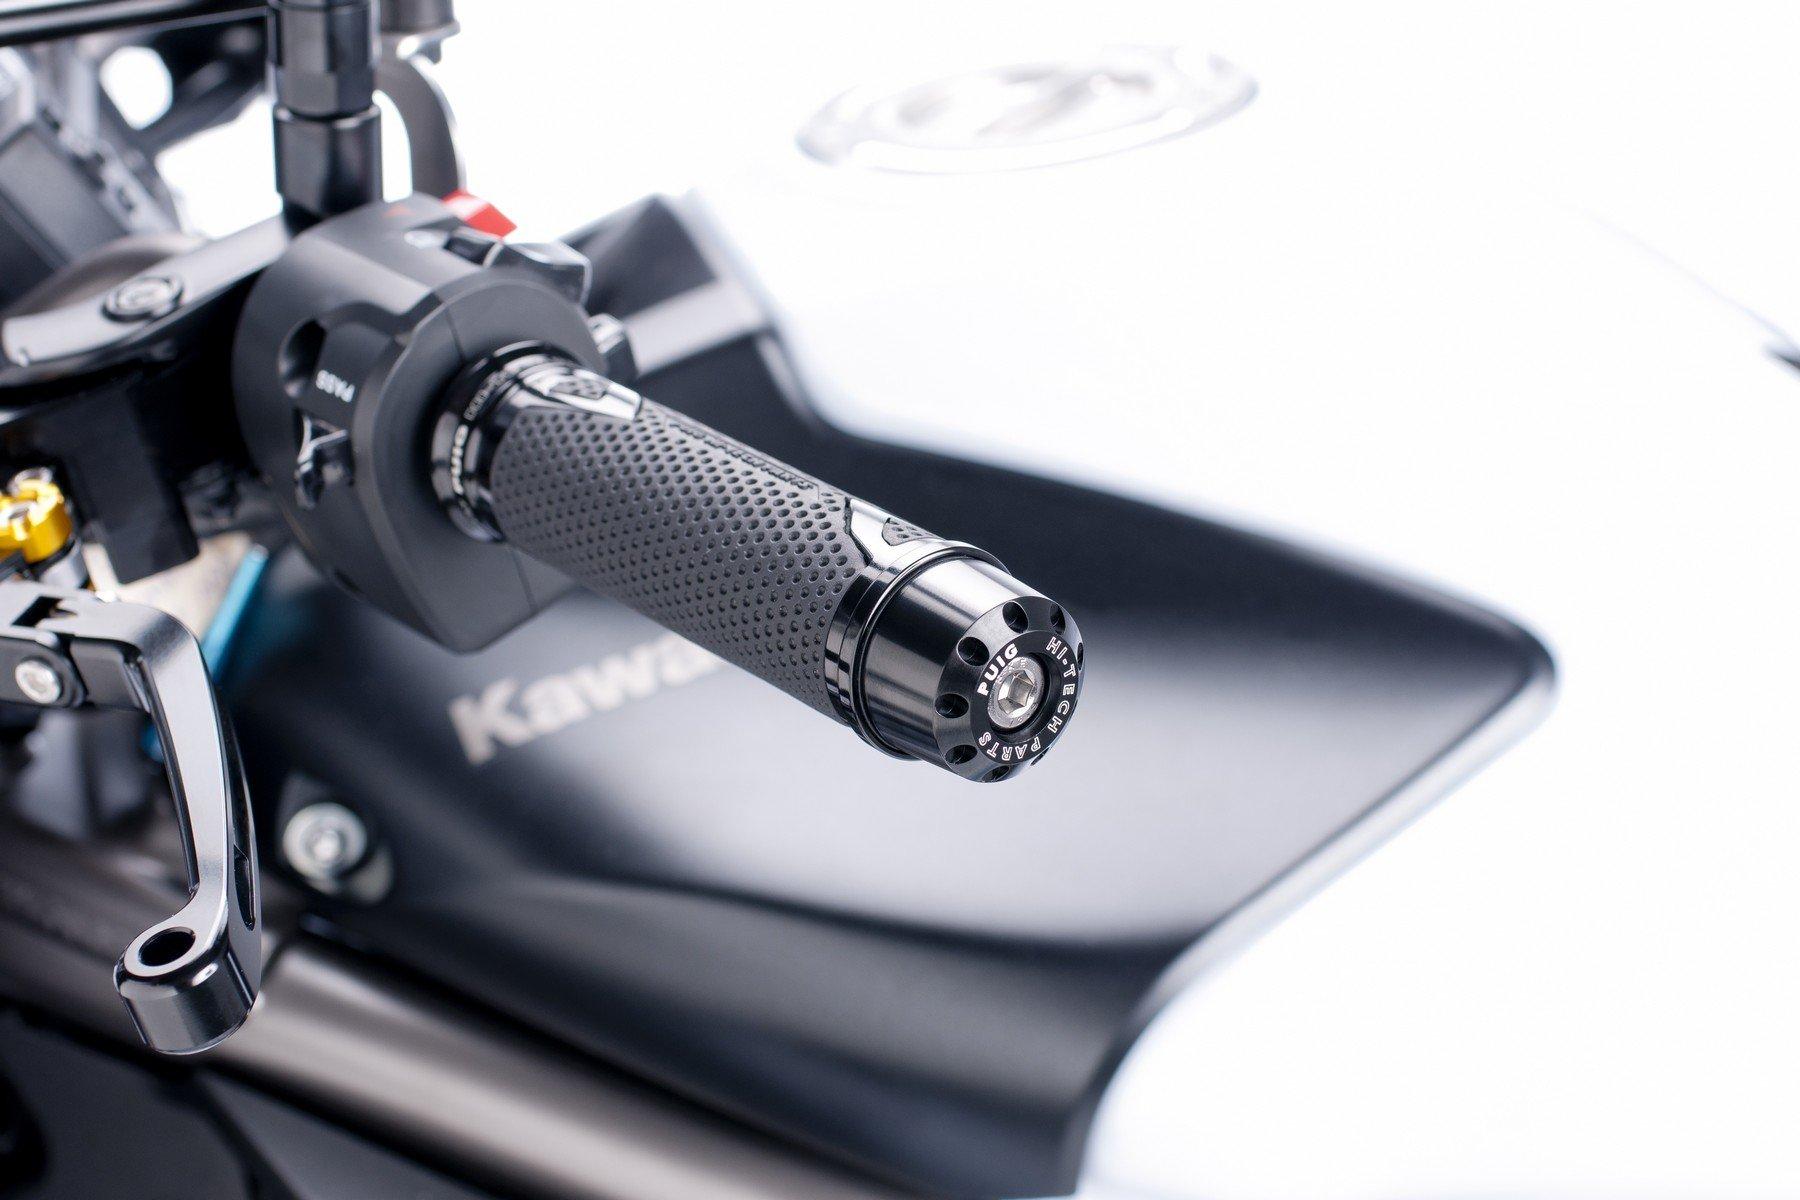 PUIG Contrapesos terminales manillar aluminio corto 20mm